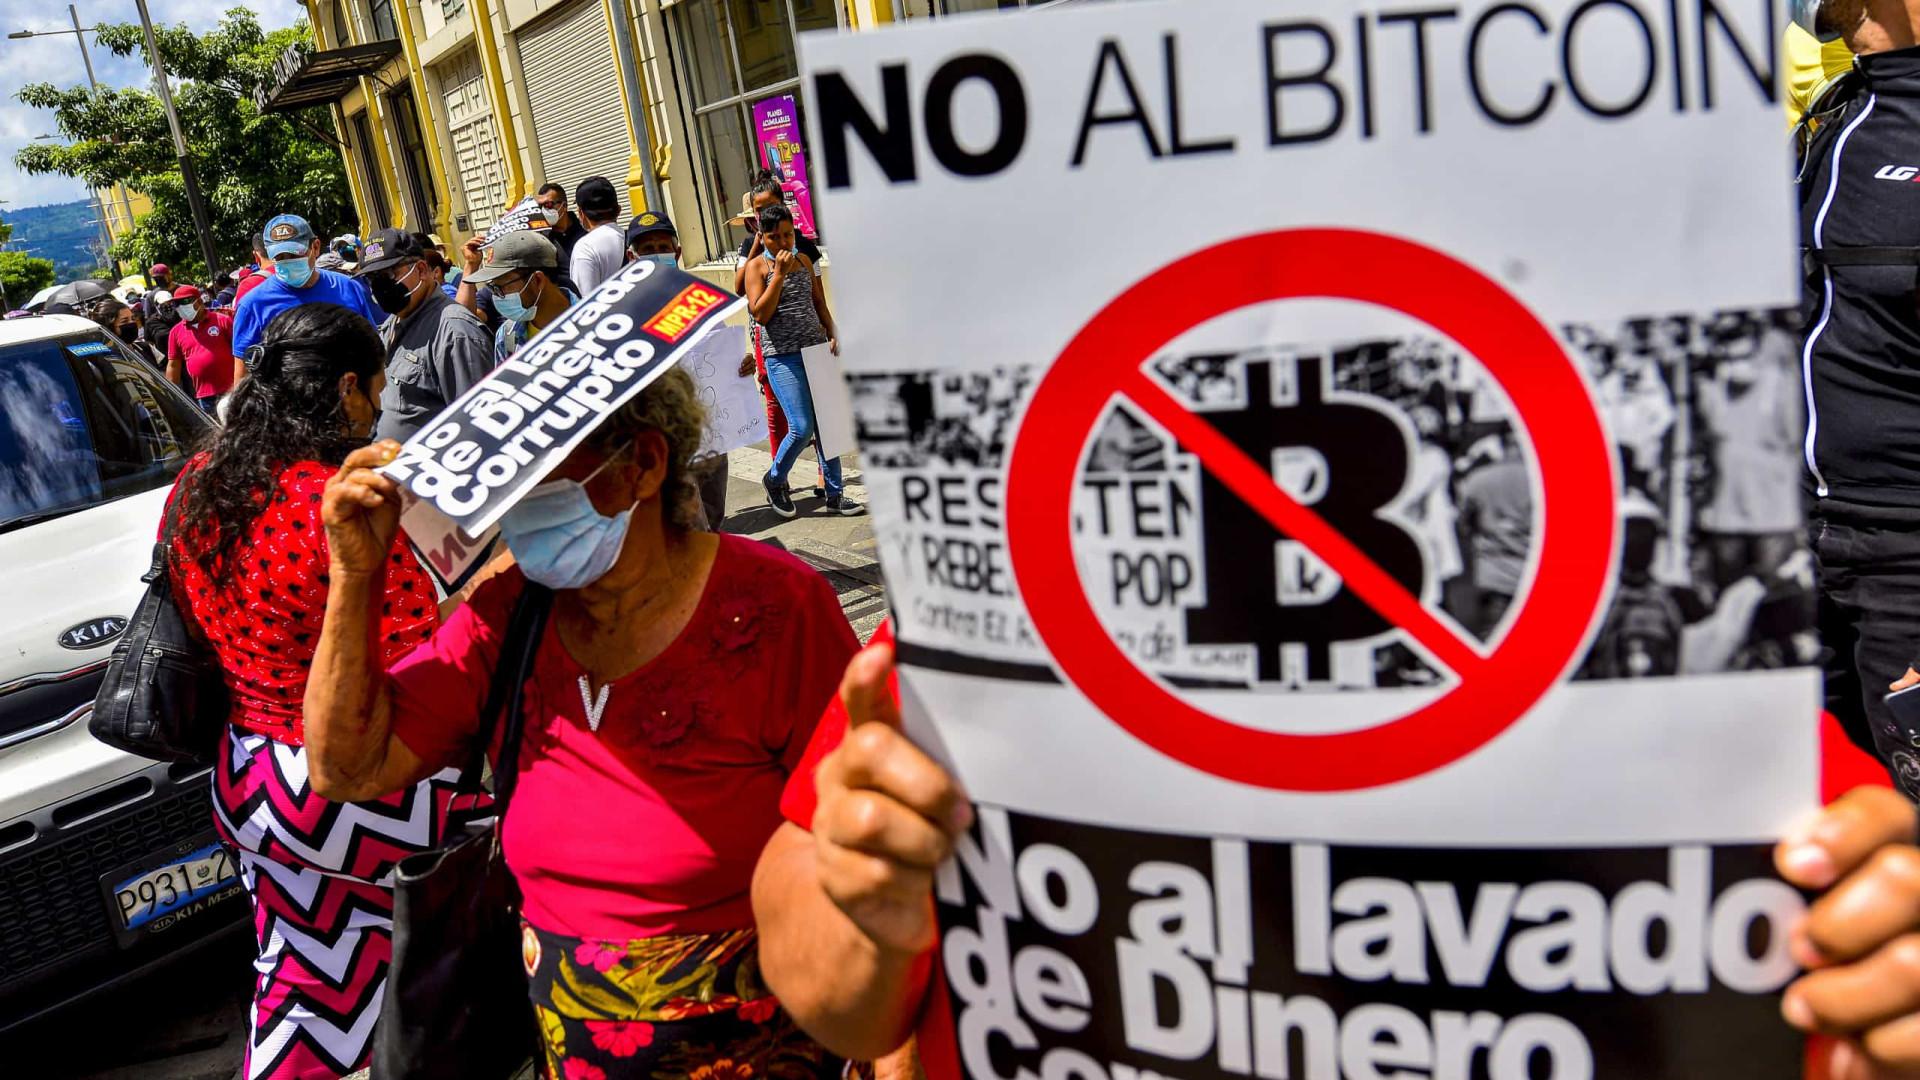 Milhares em El Salvador por separação de poderes e recusa da bitcoin